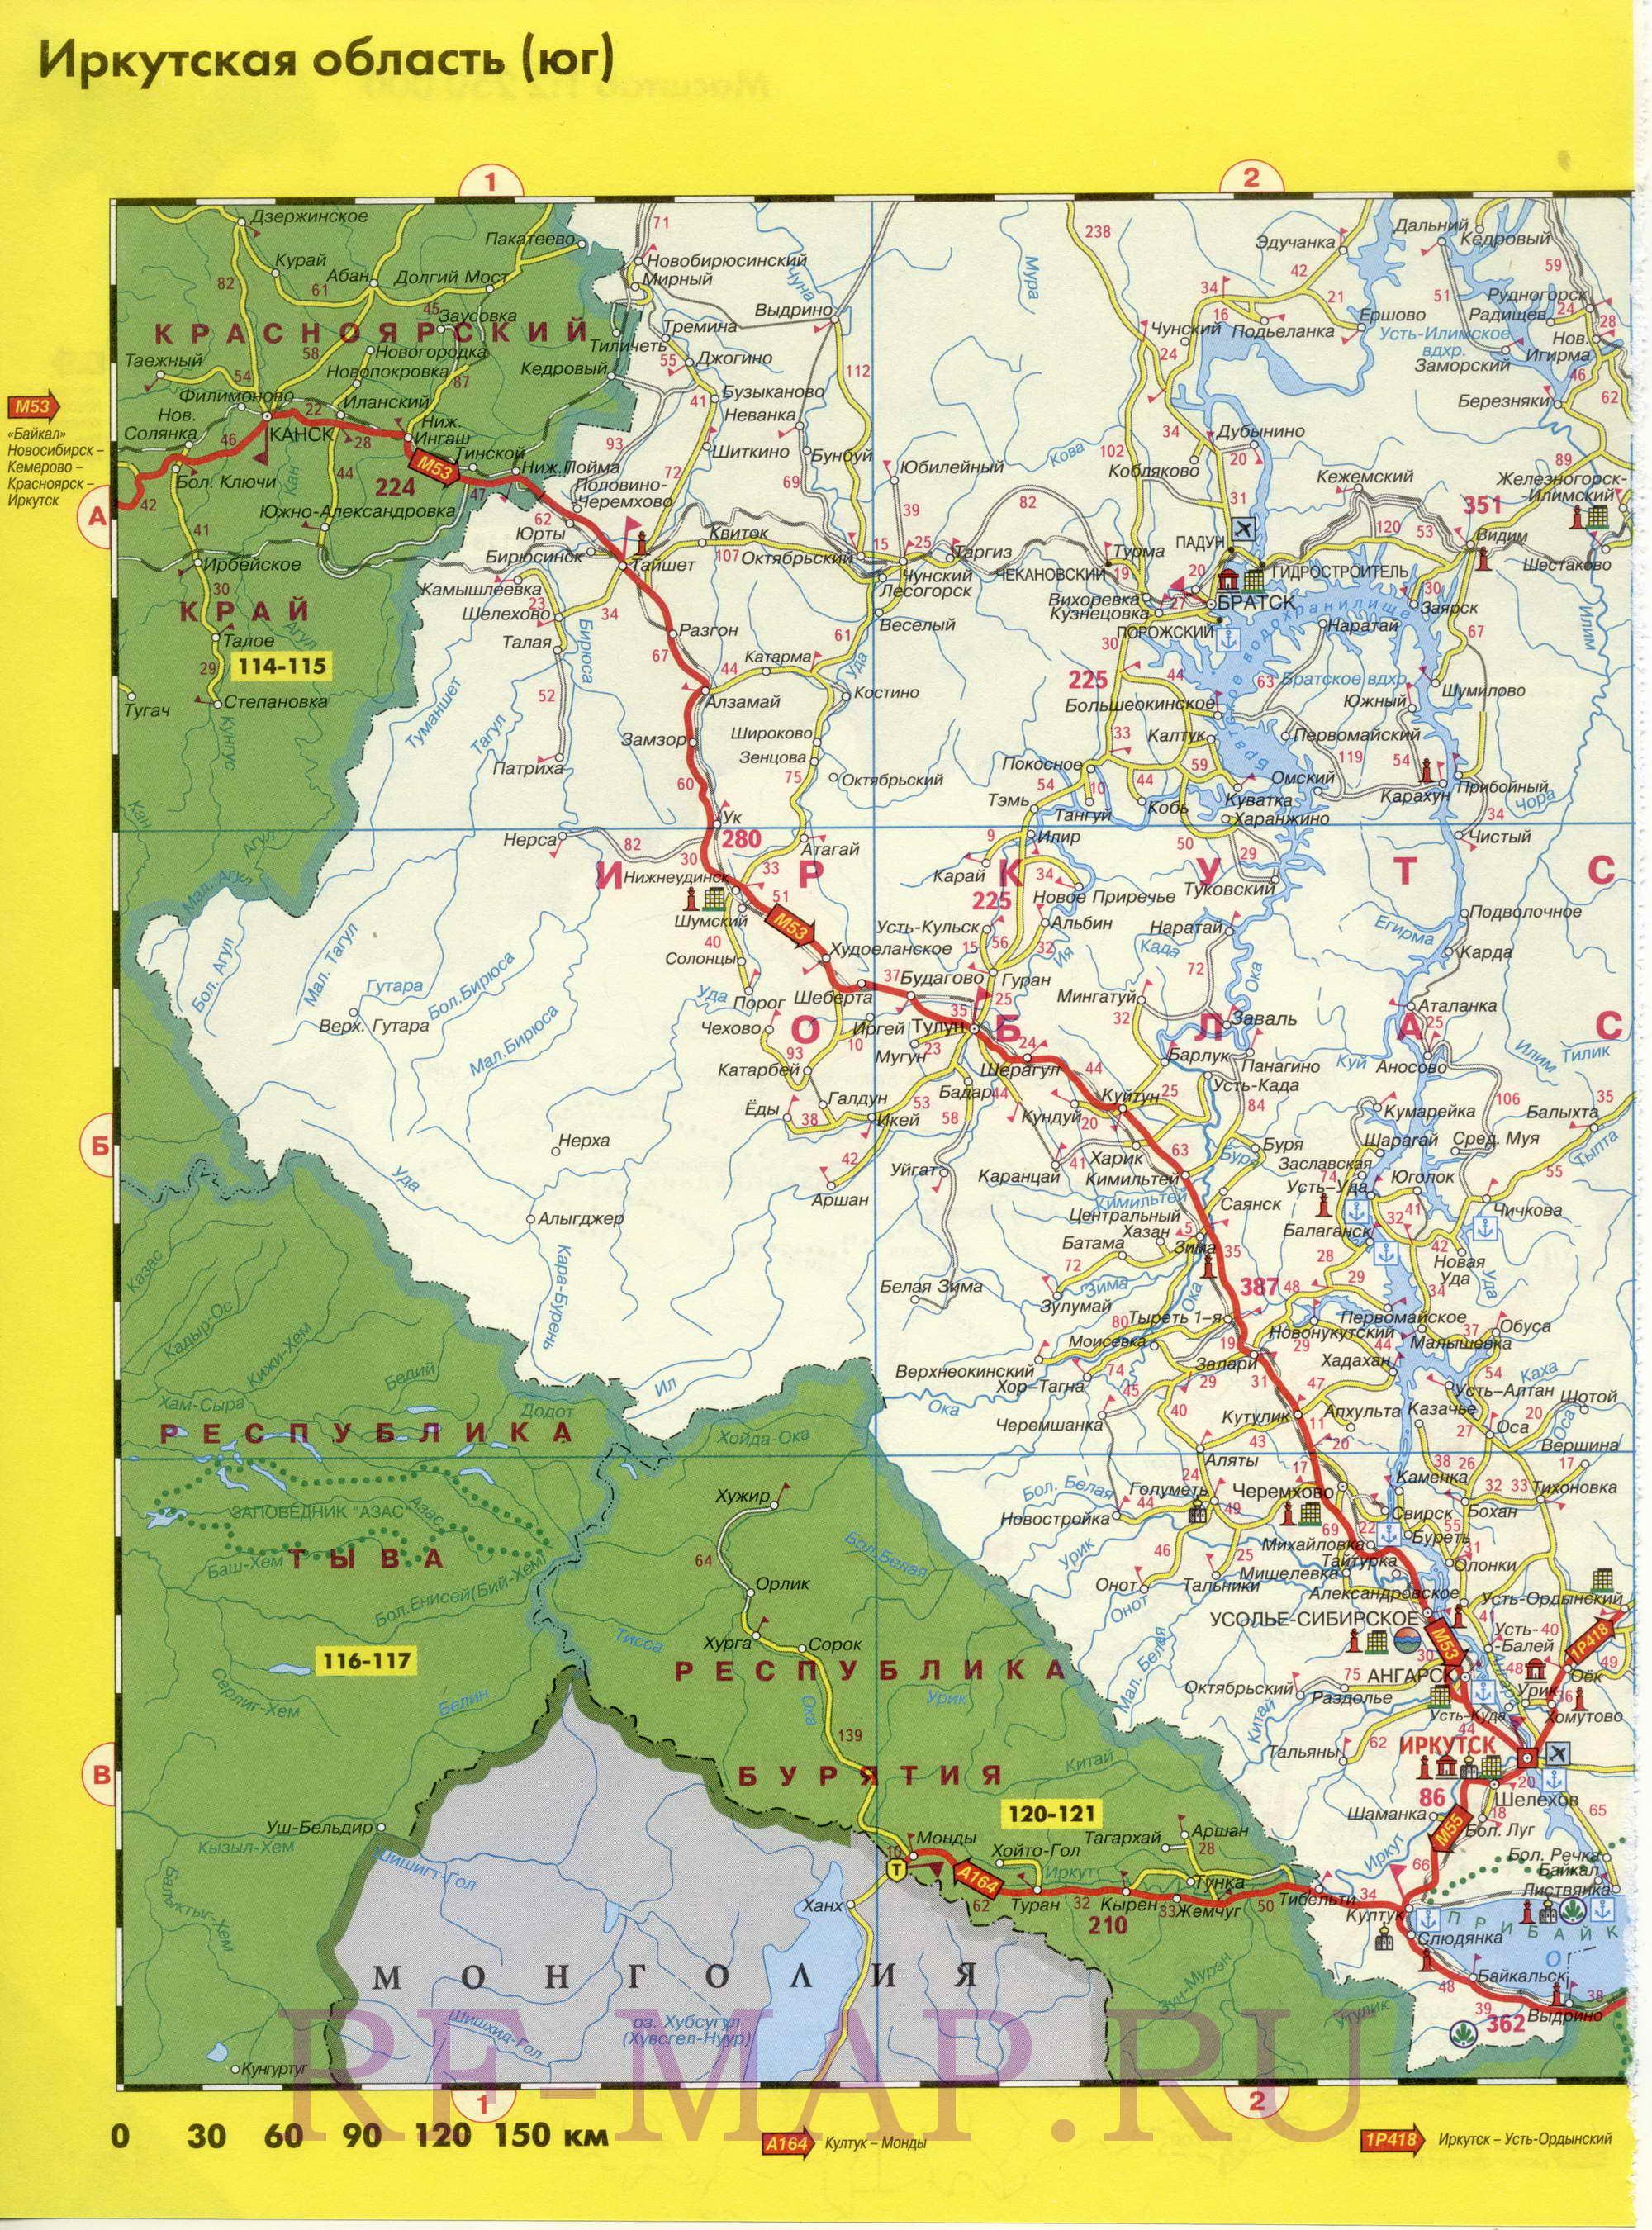 Схема автомобильных дорог Иркутской области.  Подробная схема автодорог Иркутская область.